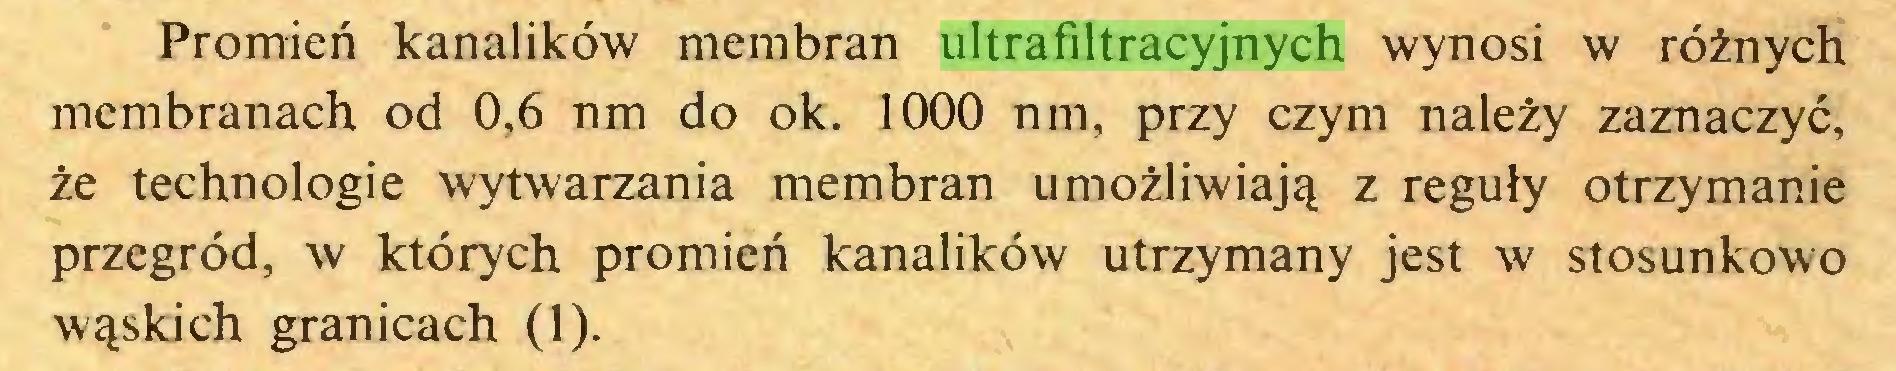 (...) Promień kanalików membran ultrafiltracyjnych wynosi w różnych membranach od 0,6 nm do ok. 1000 nm, przy czym należy zaznaczyć, że technologie wytwarzania membran umożliwiają z reguły otrzymanie przegród, w których promień kanalików utrzymany jest w stosunkowo wąskich granicach (1)...